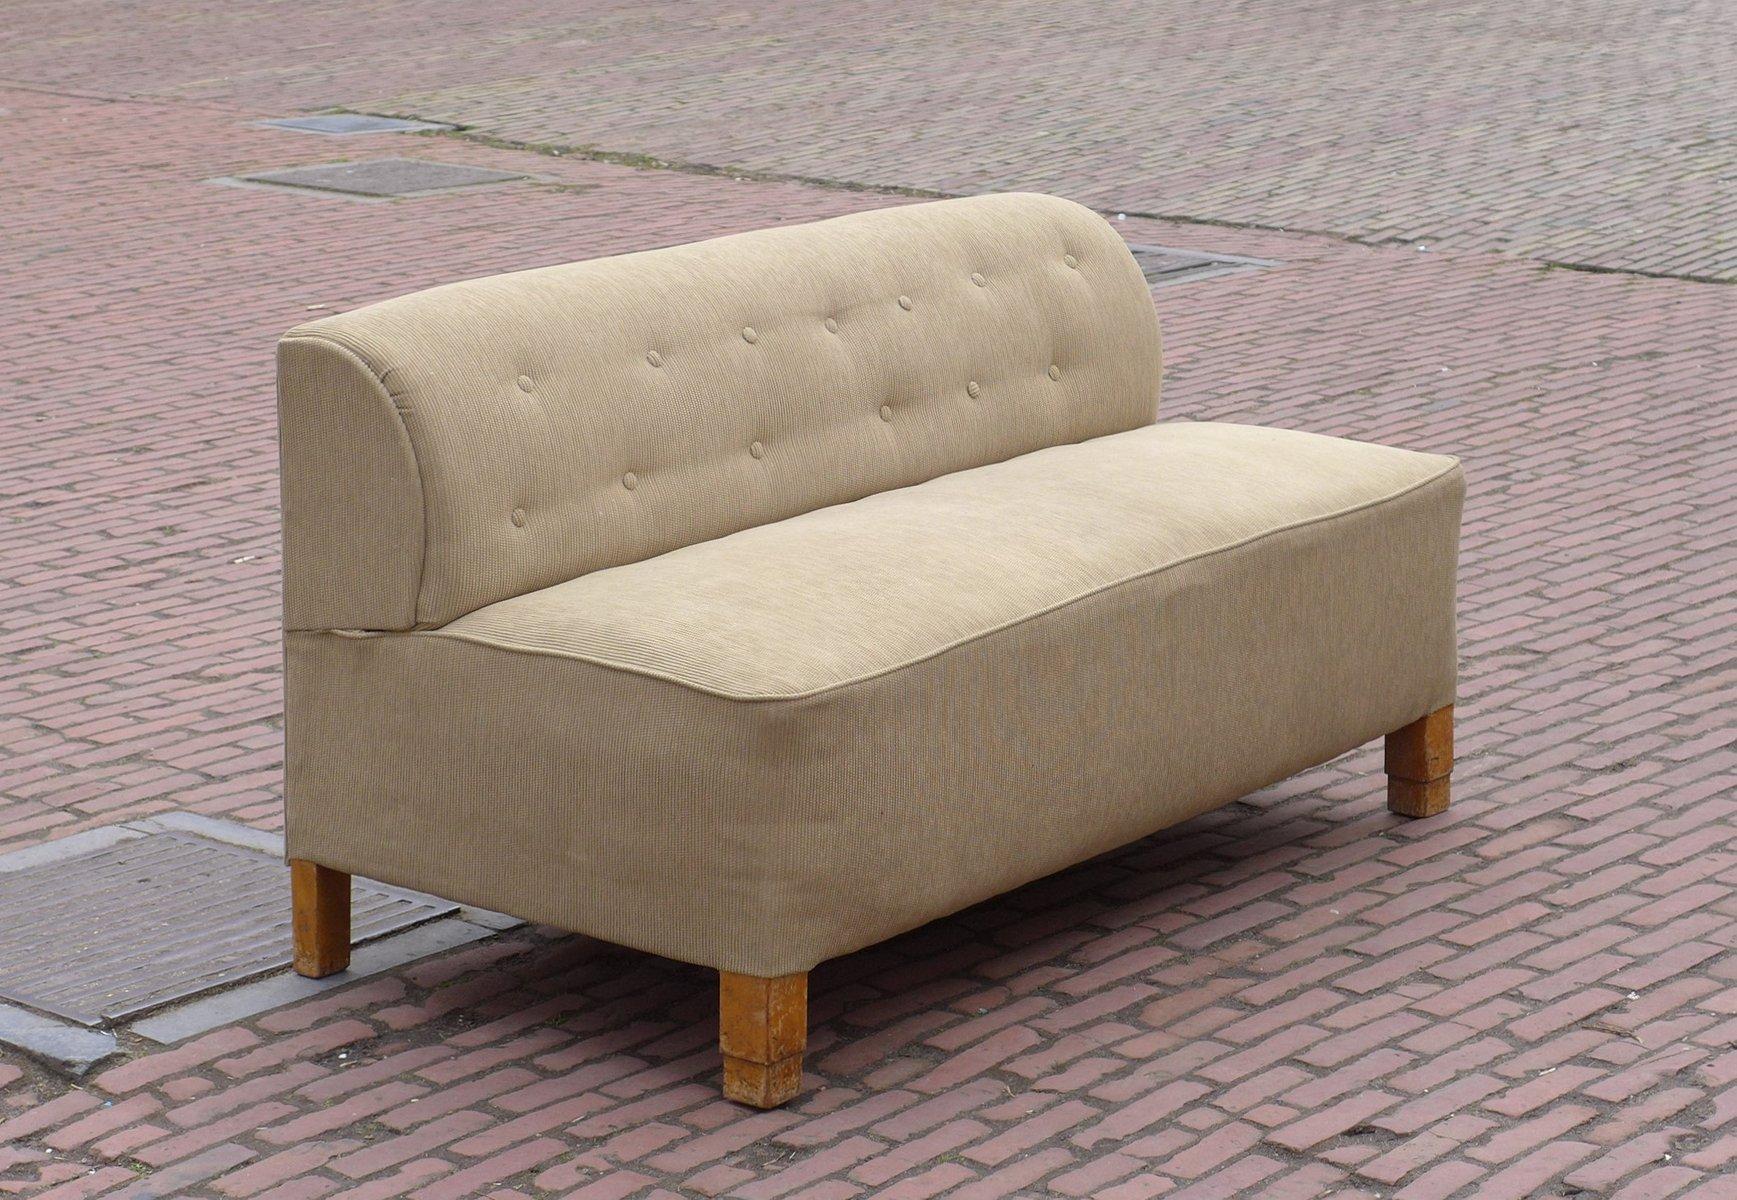 canap art d co beige en vente sur pamono. Black Bedroom Furniture Sets. Home Design Ideas